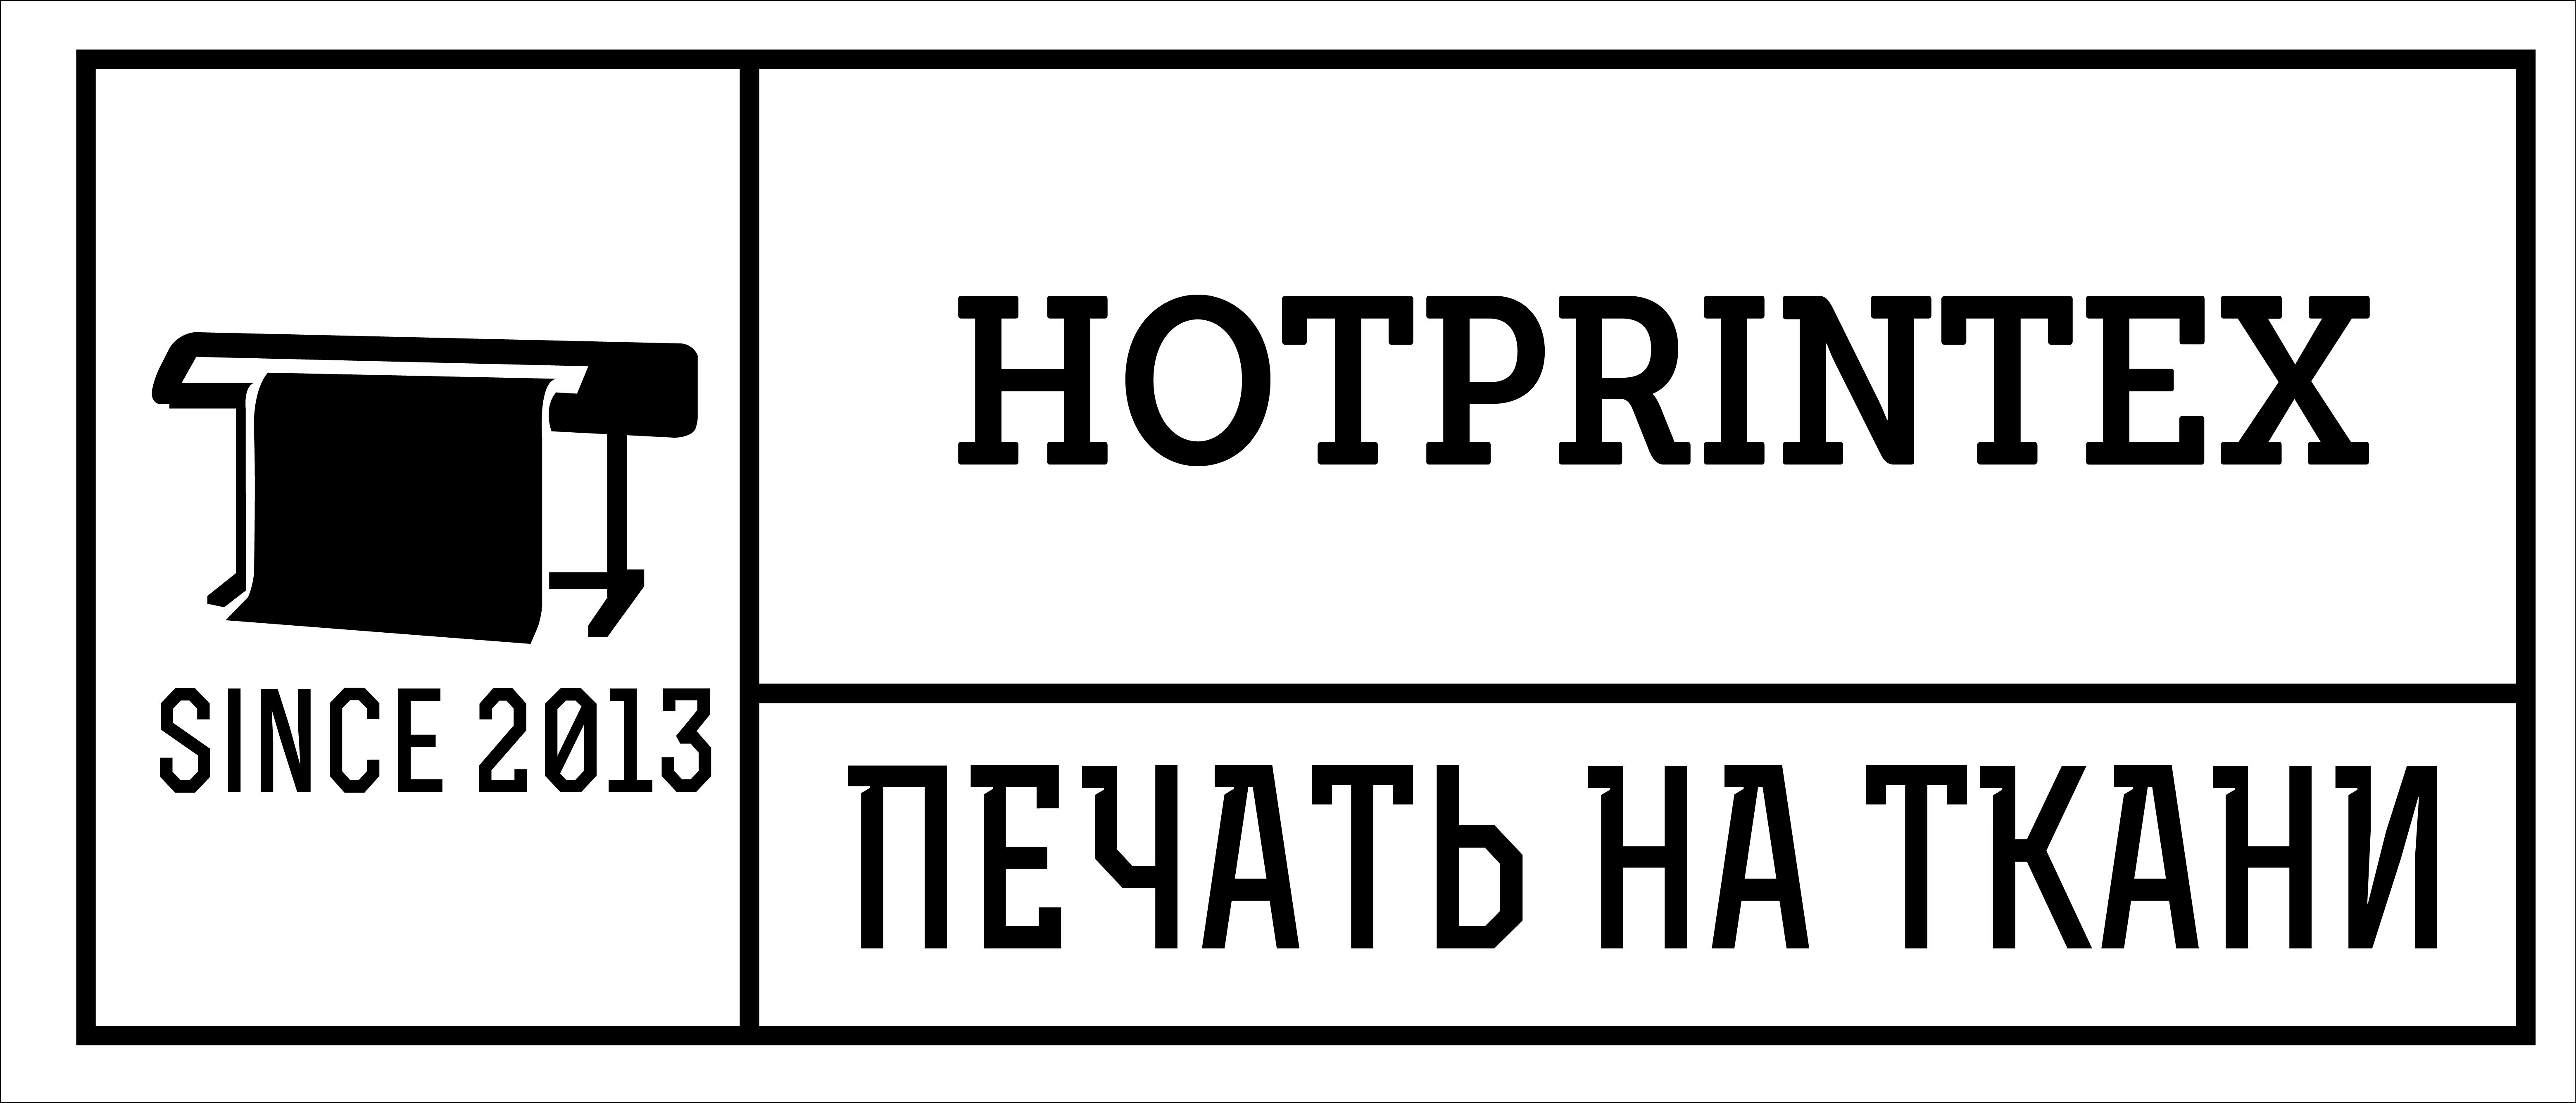 Hotprintex